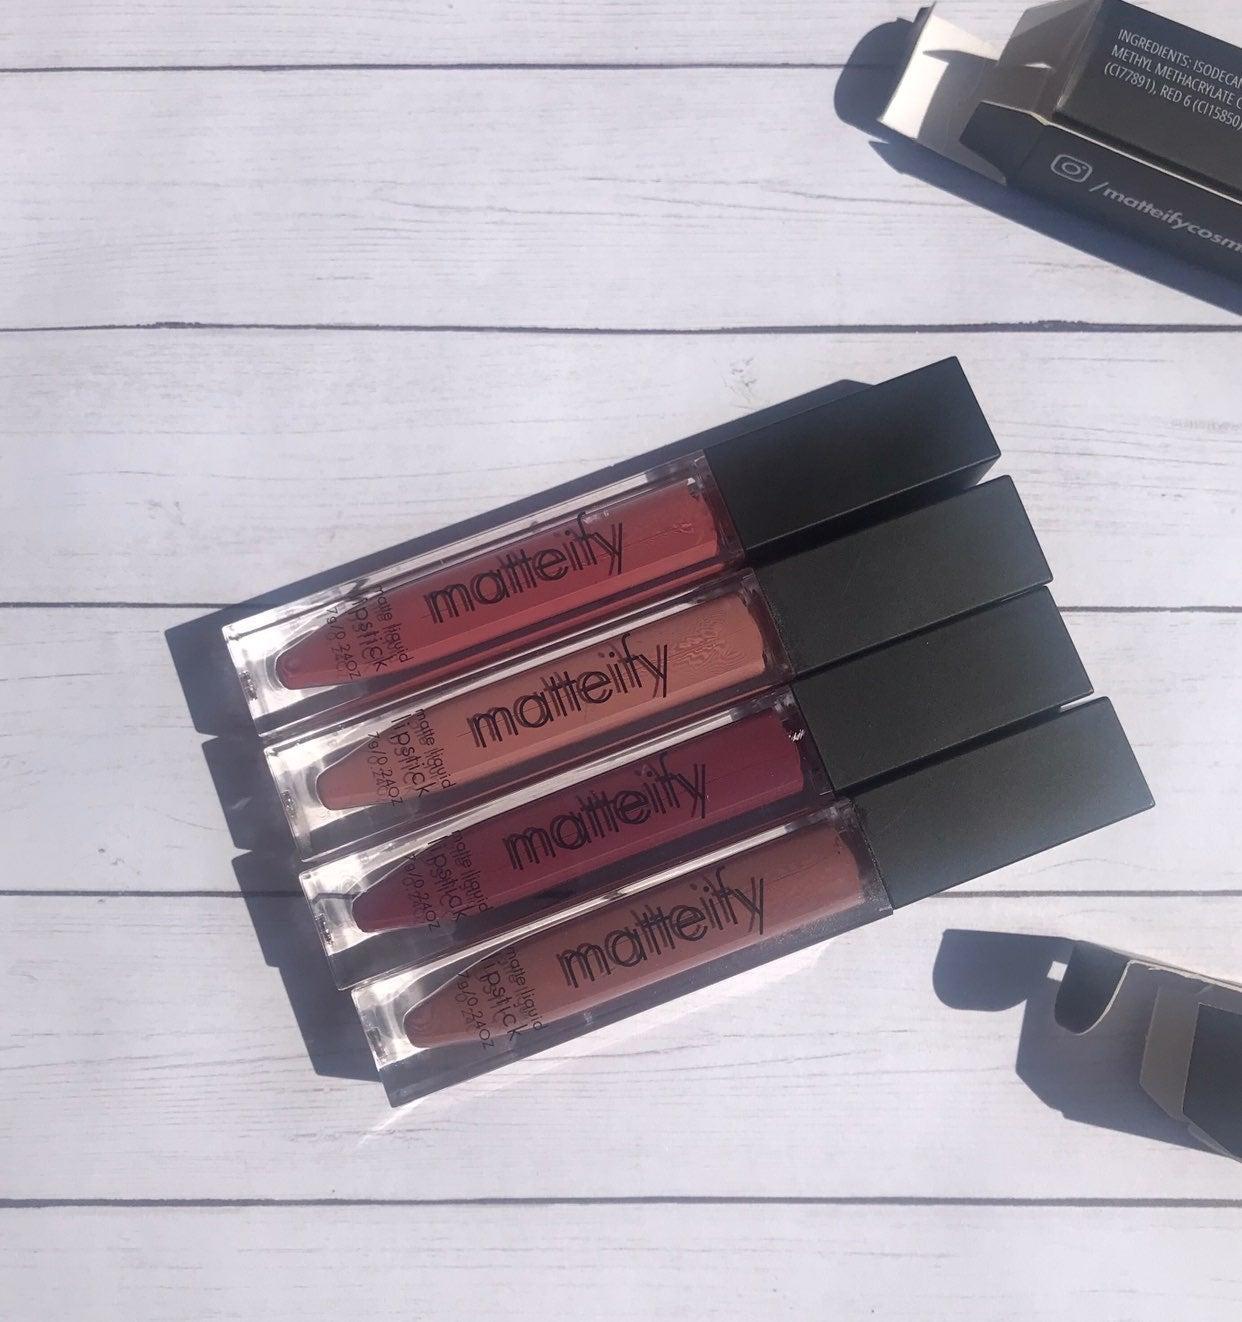 New 4 pc matteify matte liquid lipsti